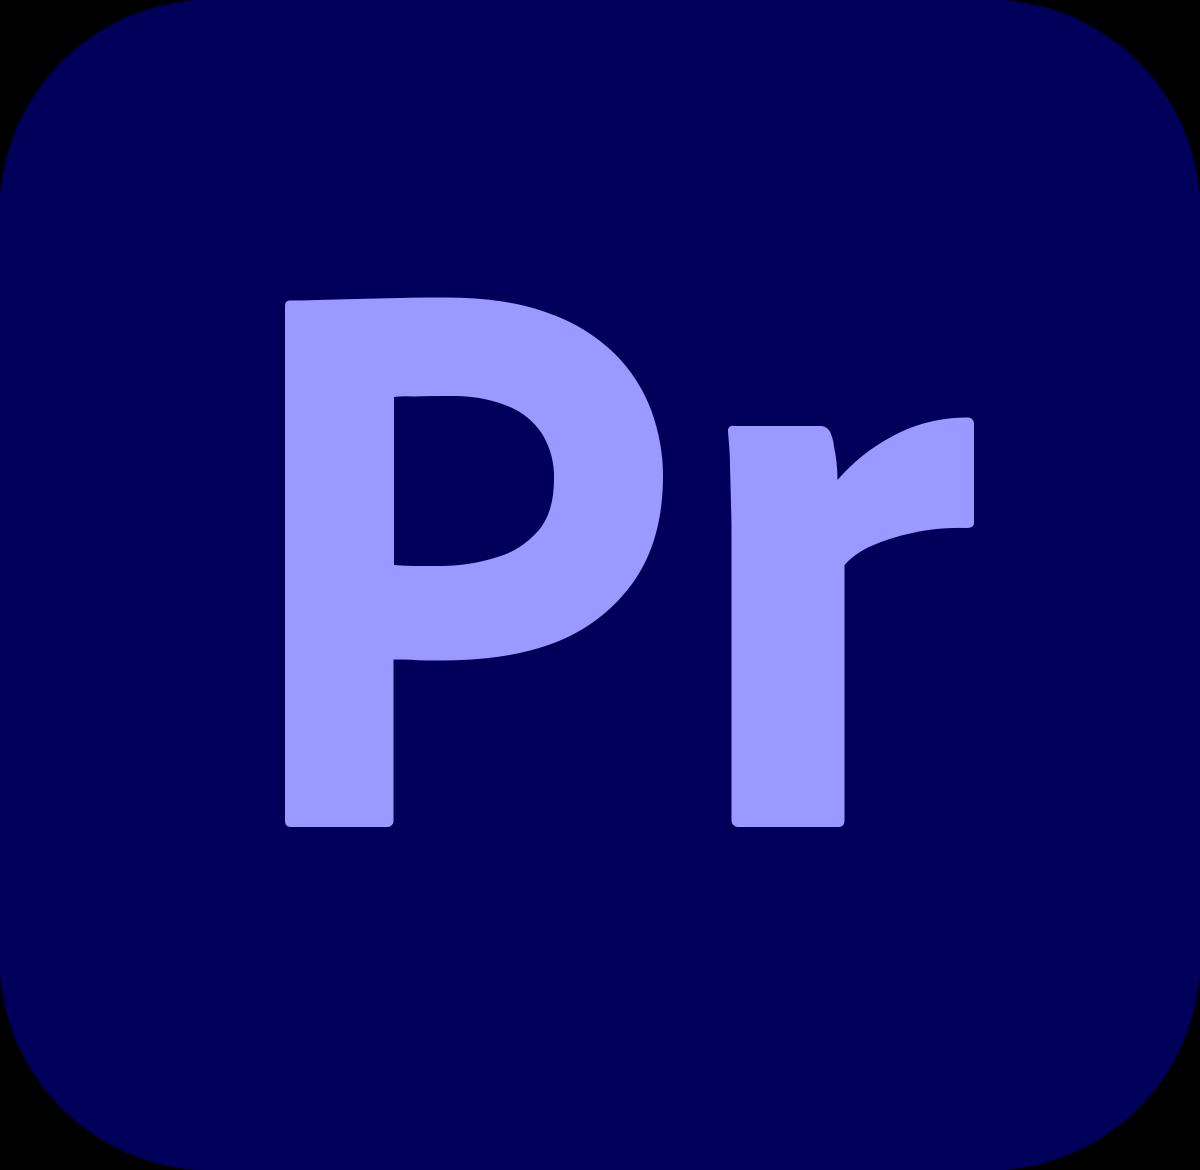 Adobe_Premiere_Pro_CC